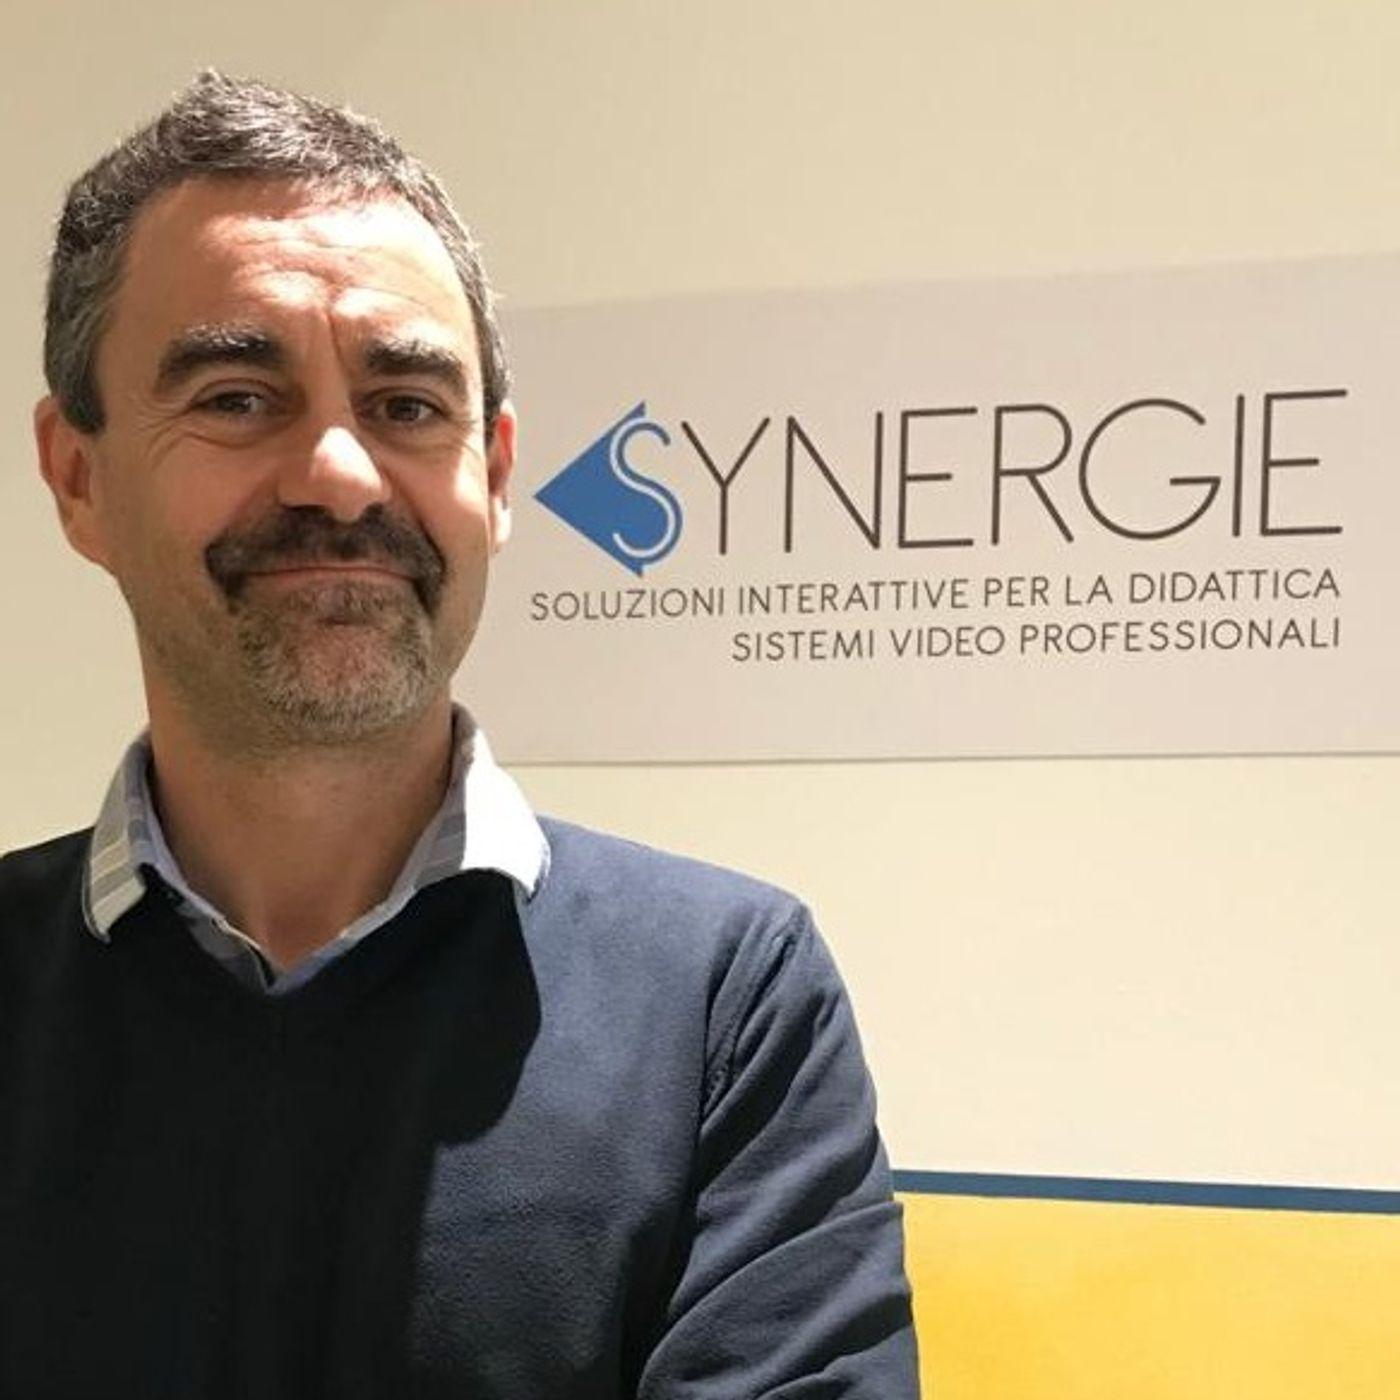 #79 Digitale a scuola: intervista a Tomas Carosella di Synergie